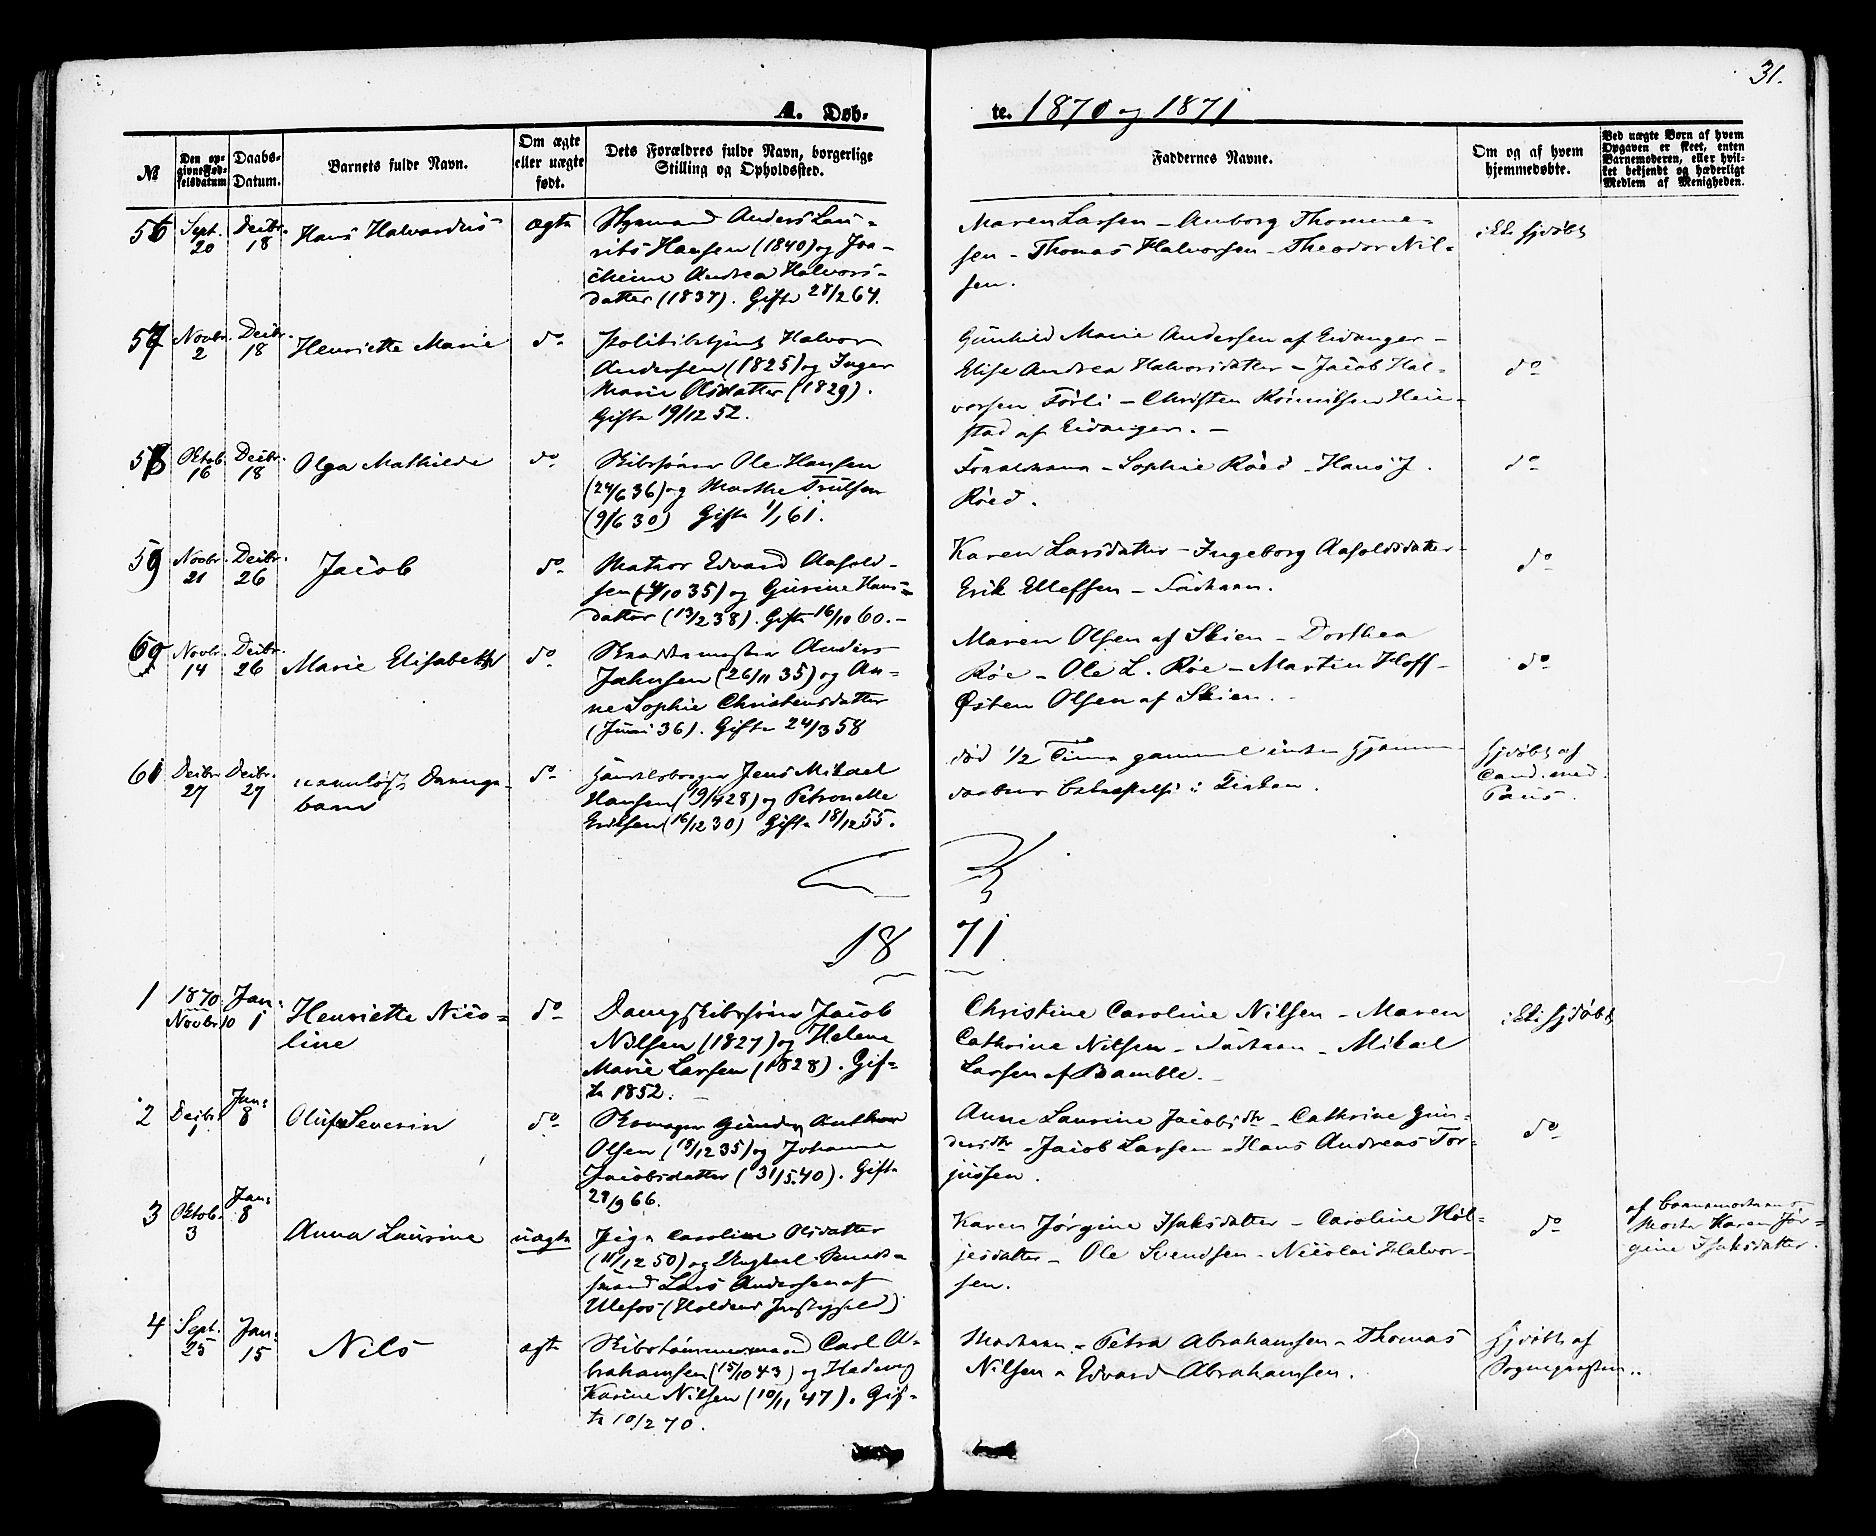 SAKO, Brevik kirkebøker, F/Fa/L0006: Ministerialbok nr. 6, 1866-1881, s. 31